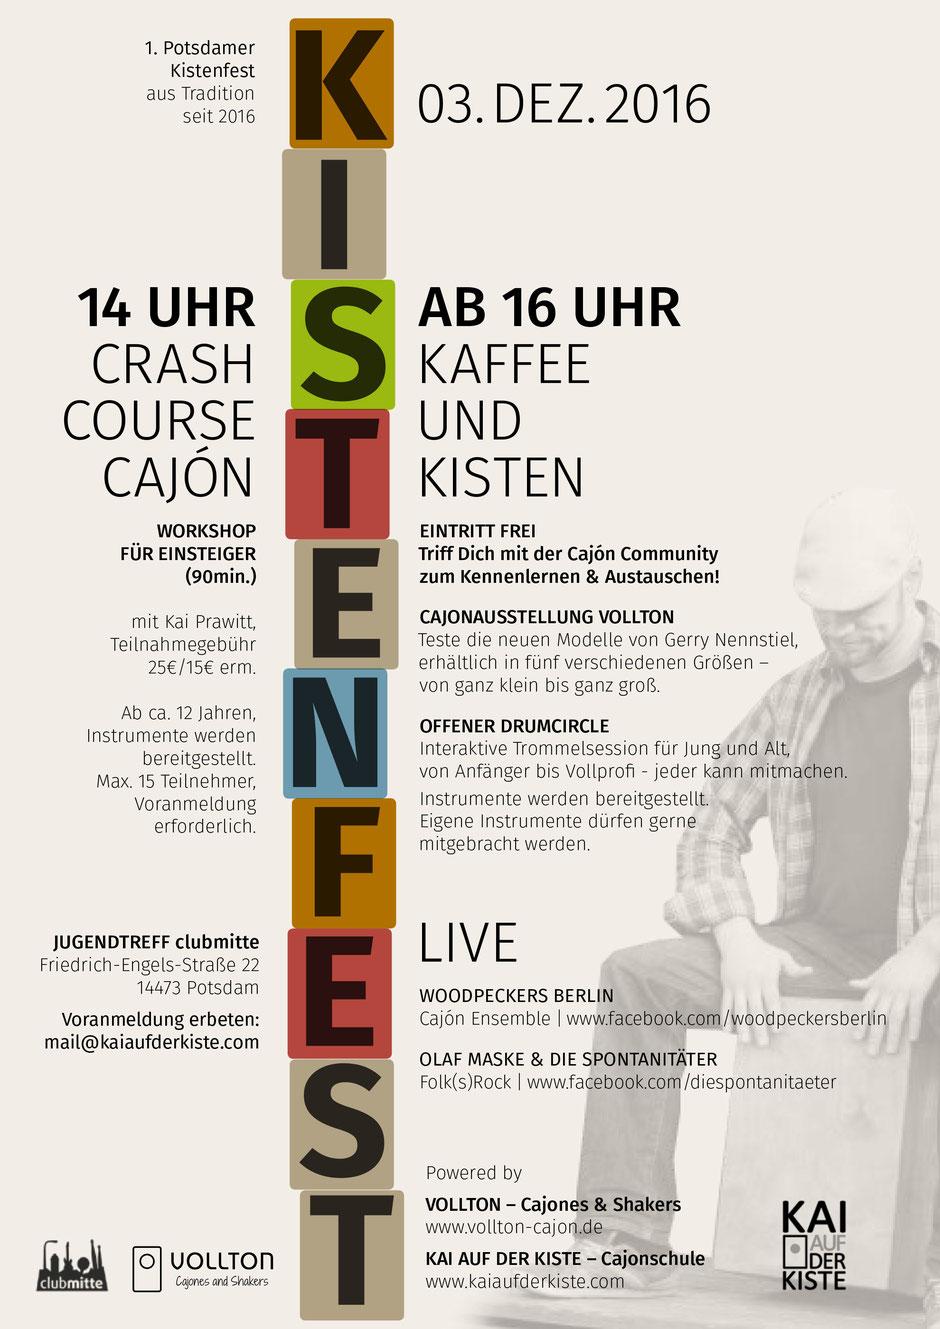 Kistenfest am 3. Dezember 2016 im Jugendtreff clubMitte Potsdam, Flyer teilen und weiterleiten